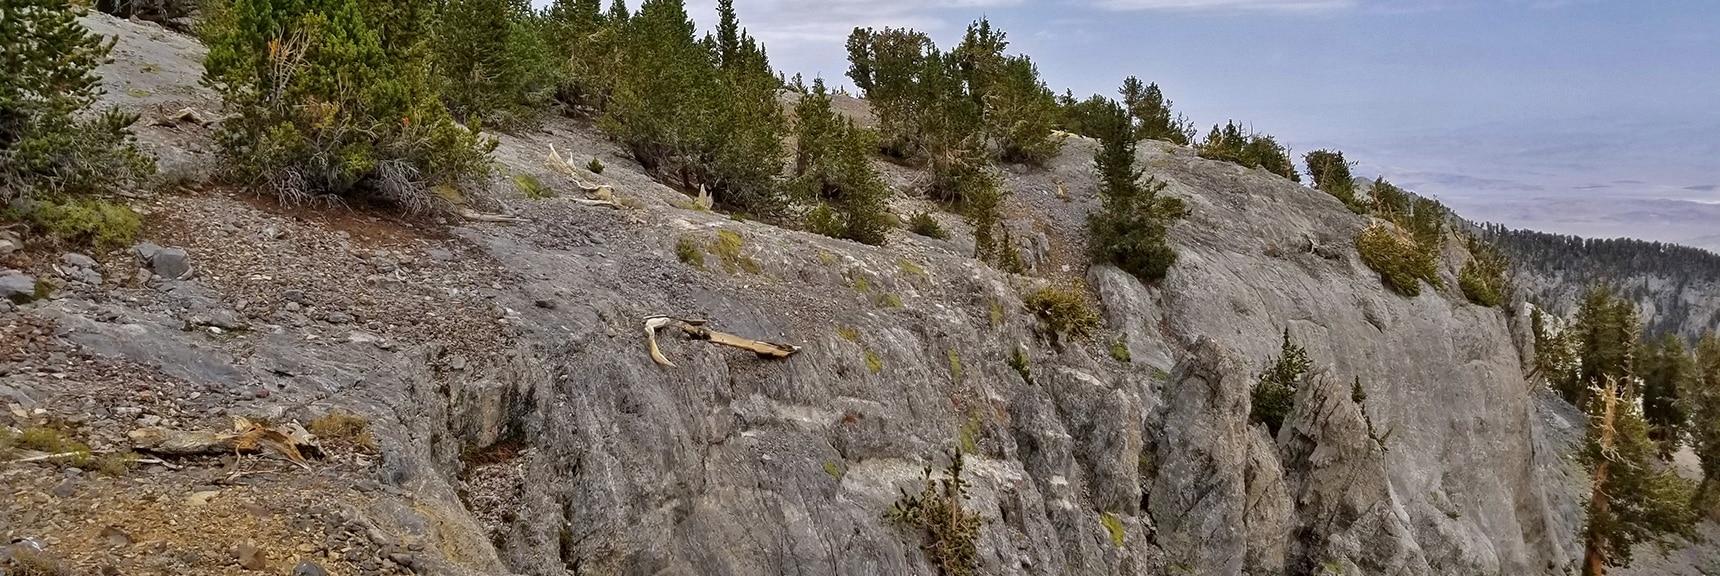 Mummy Mt. Northeastern Summit Cliffs from Above   Mummy Mountain Northern Rim Overlook, Spring Mountain Wilderness, Nevada